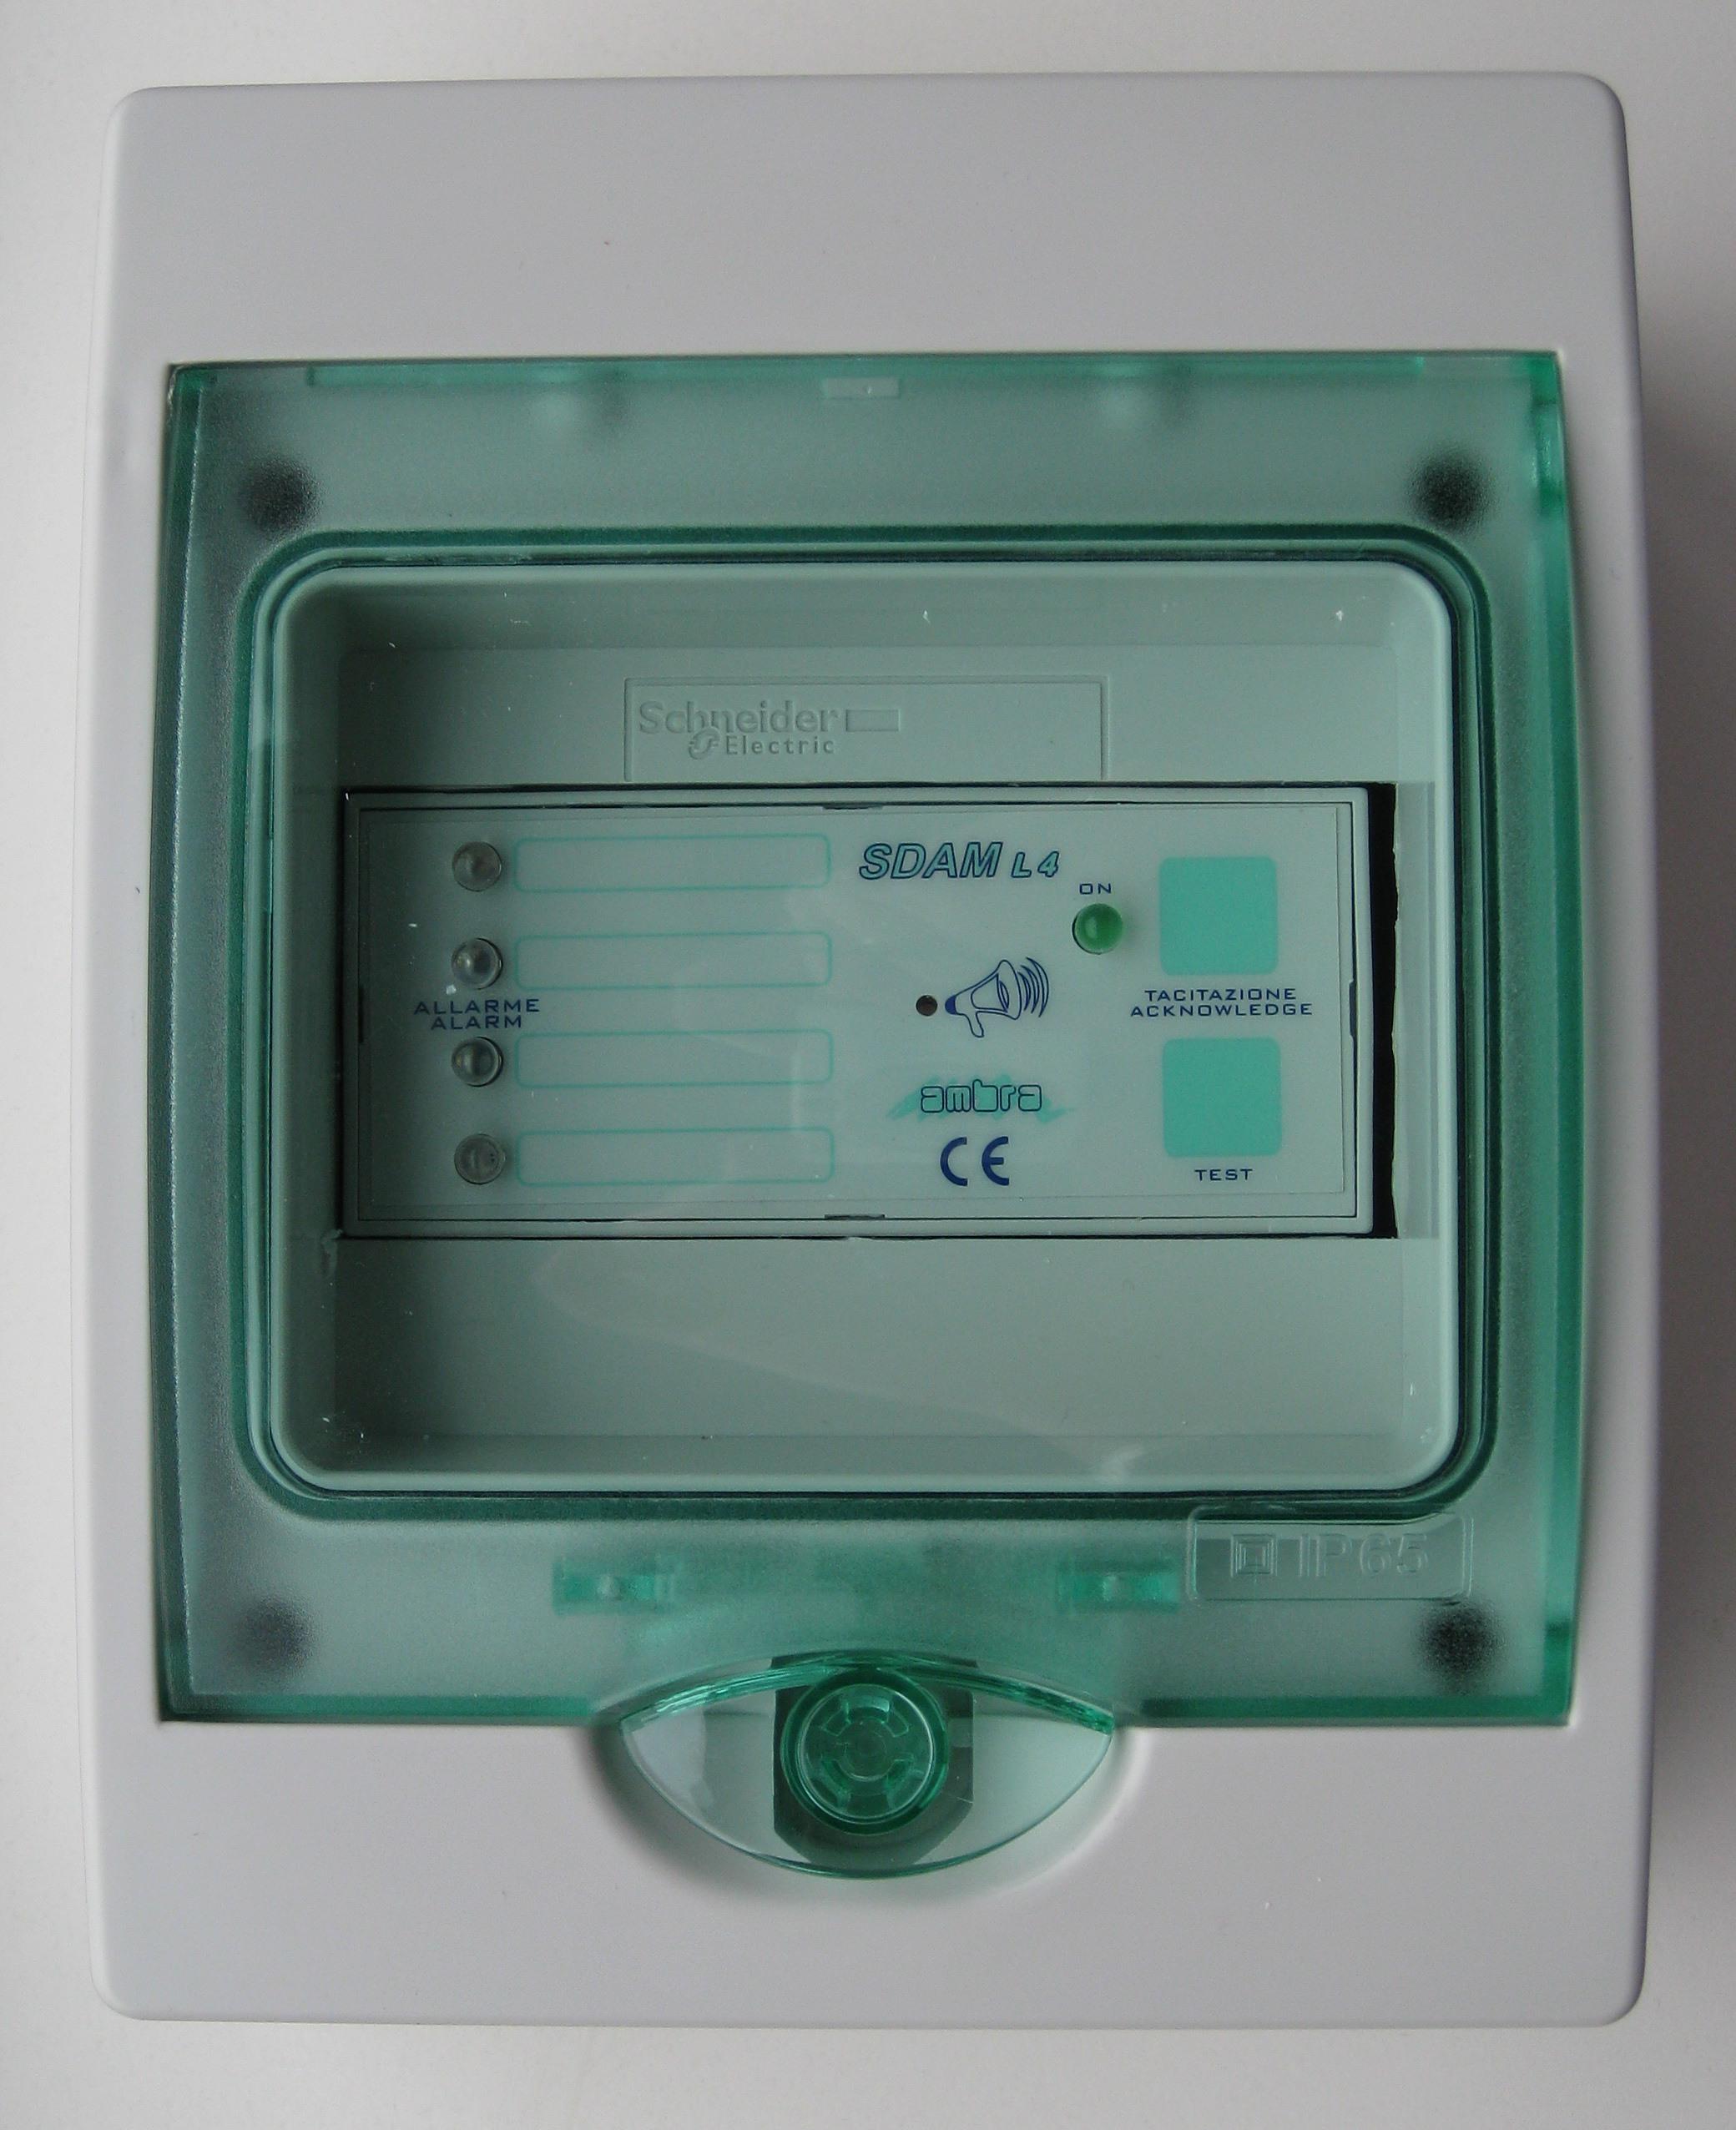 Alarmunit SDAM L4